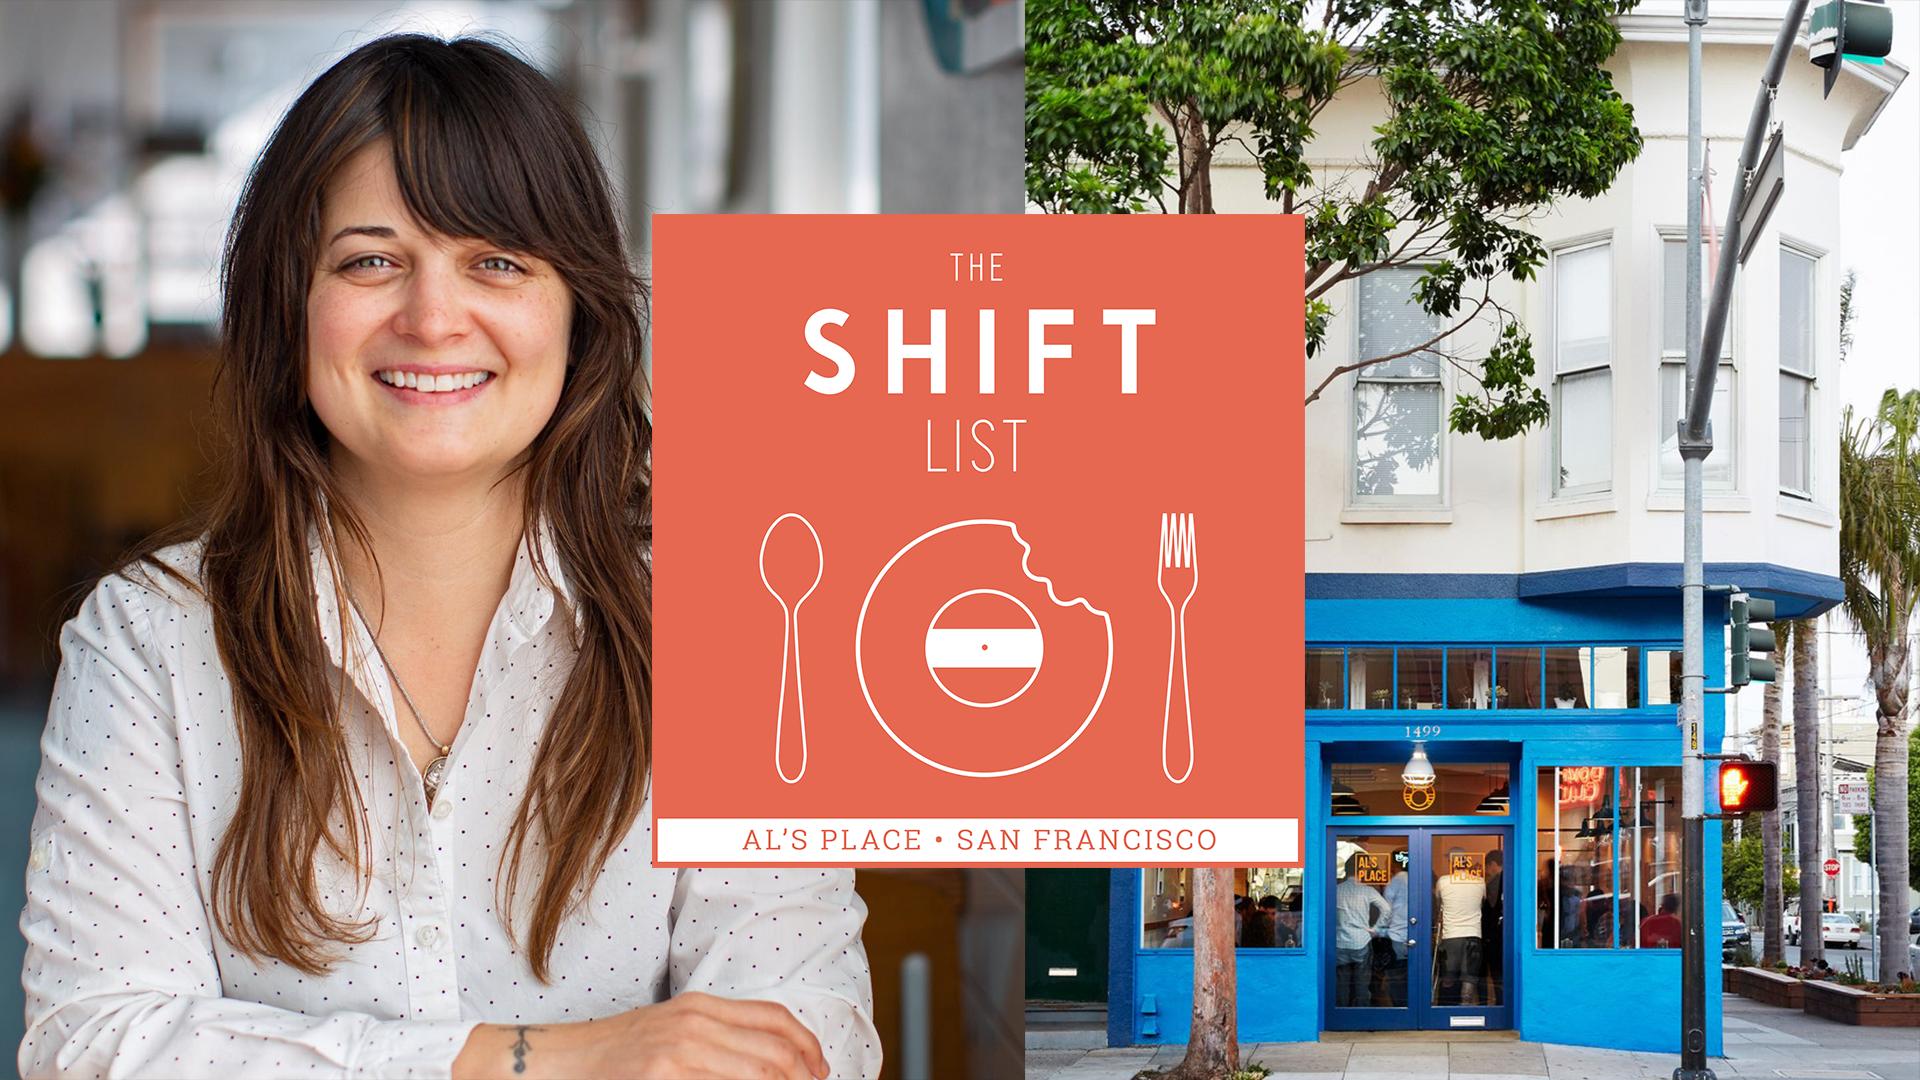 The Shift List - AL's Place, San Francisco